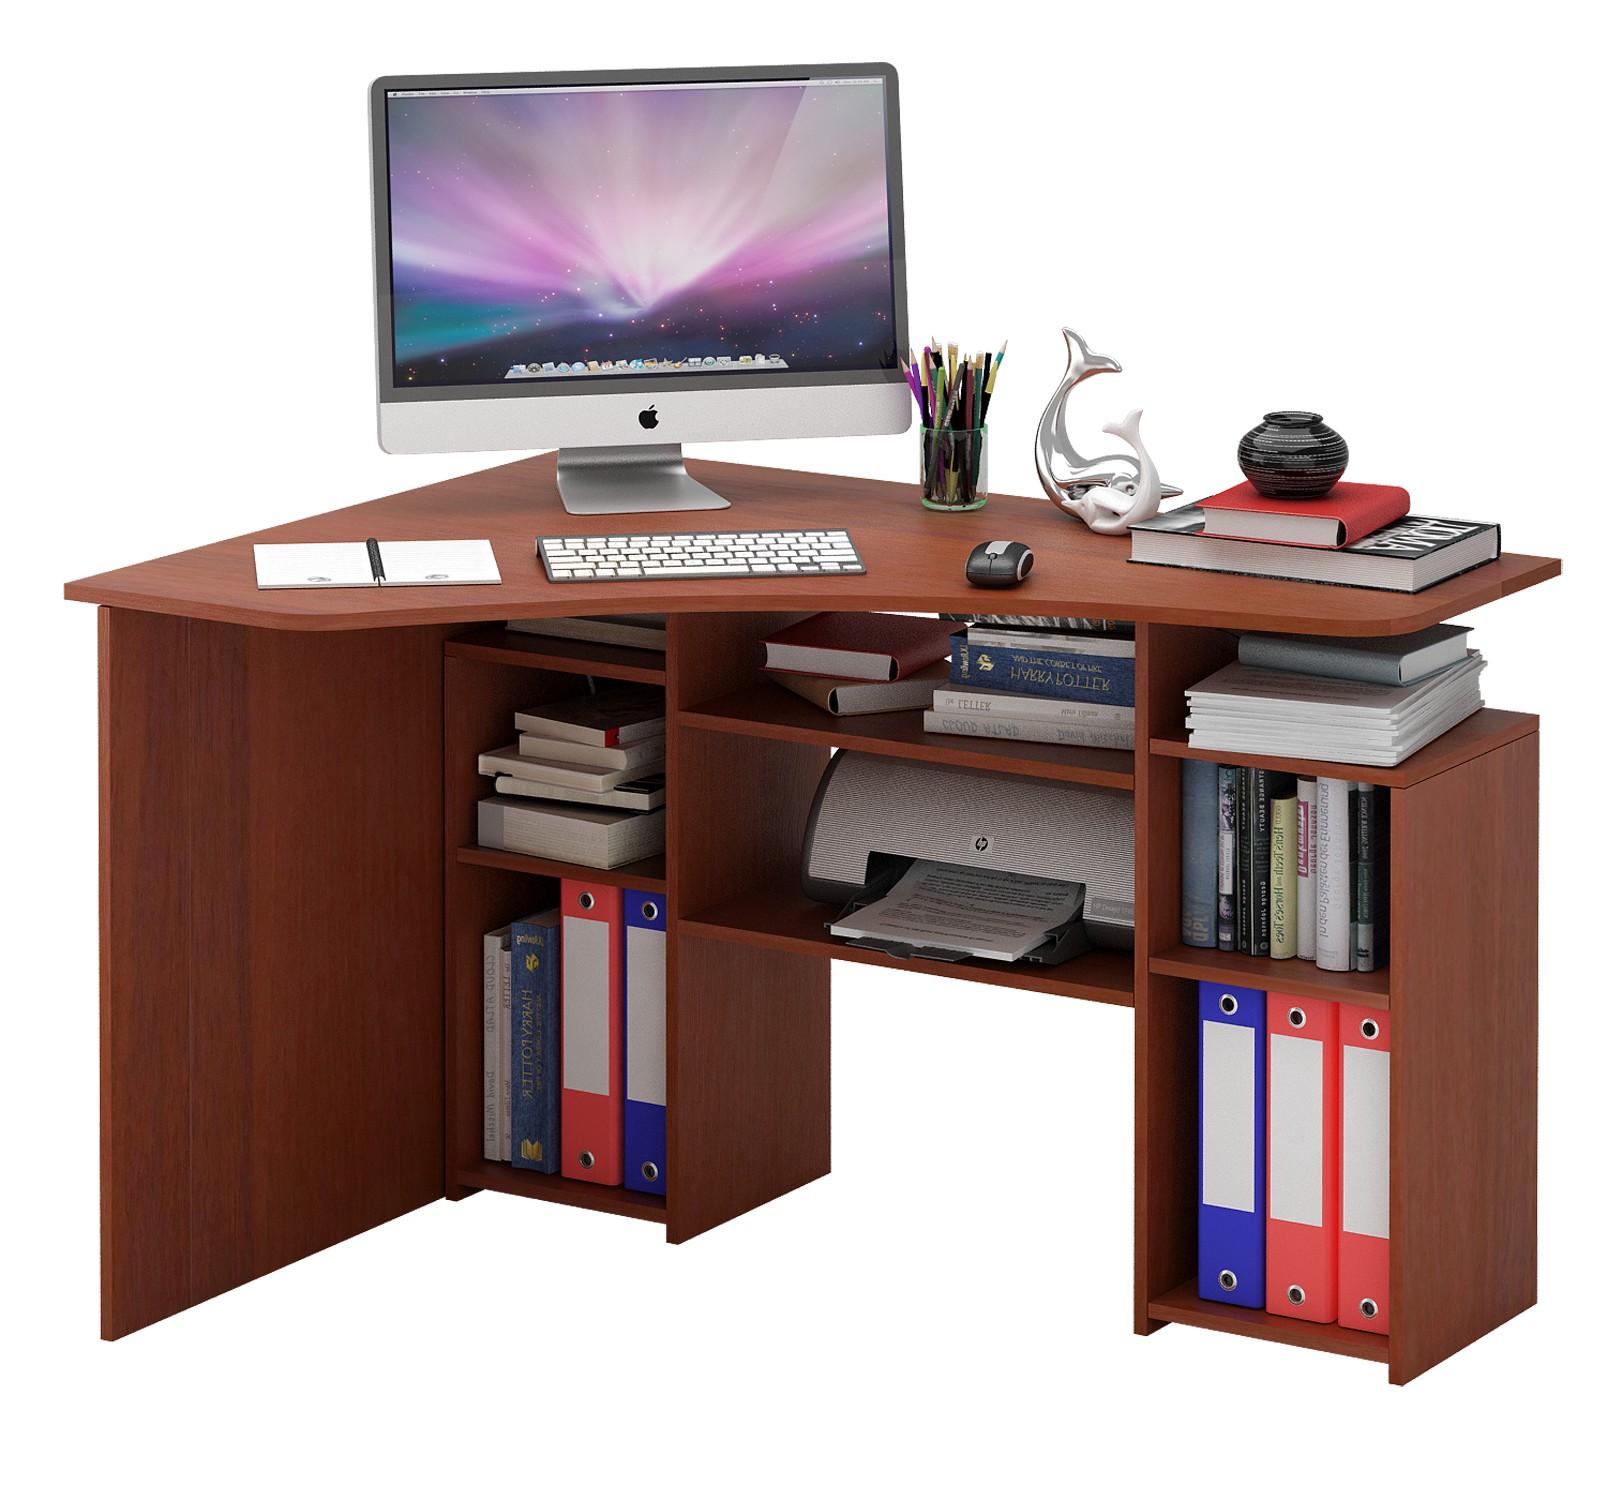 Компьютерный стол корнет-1 угловой купить за 5450.